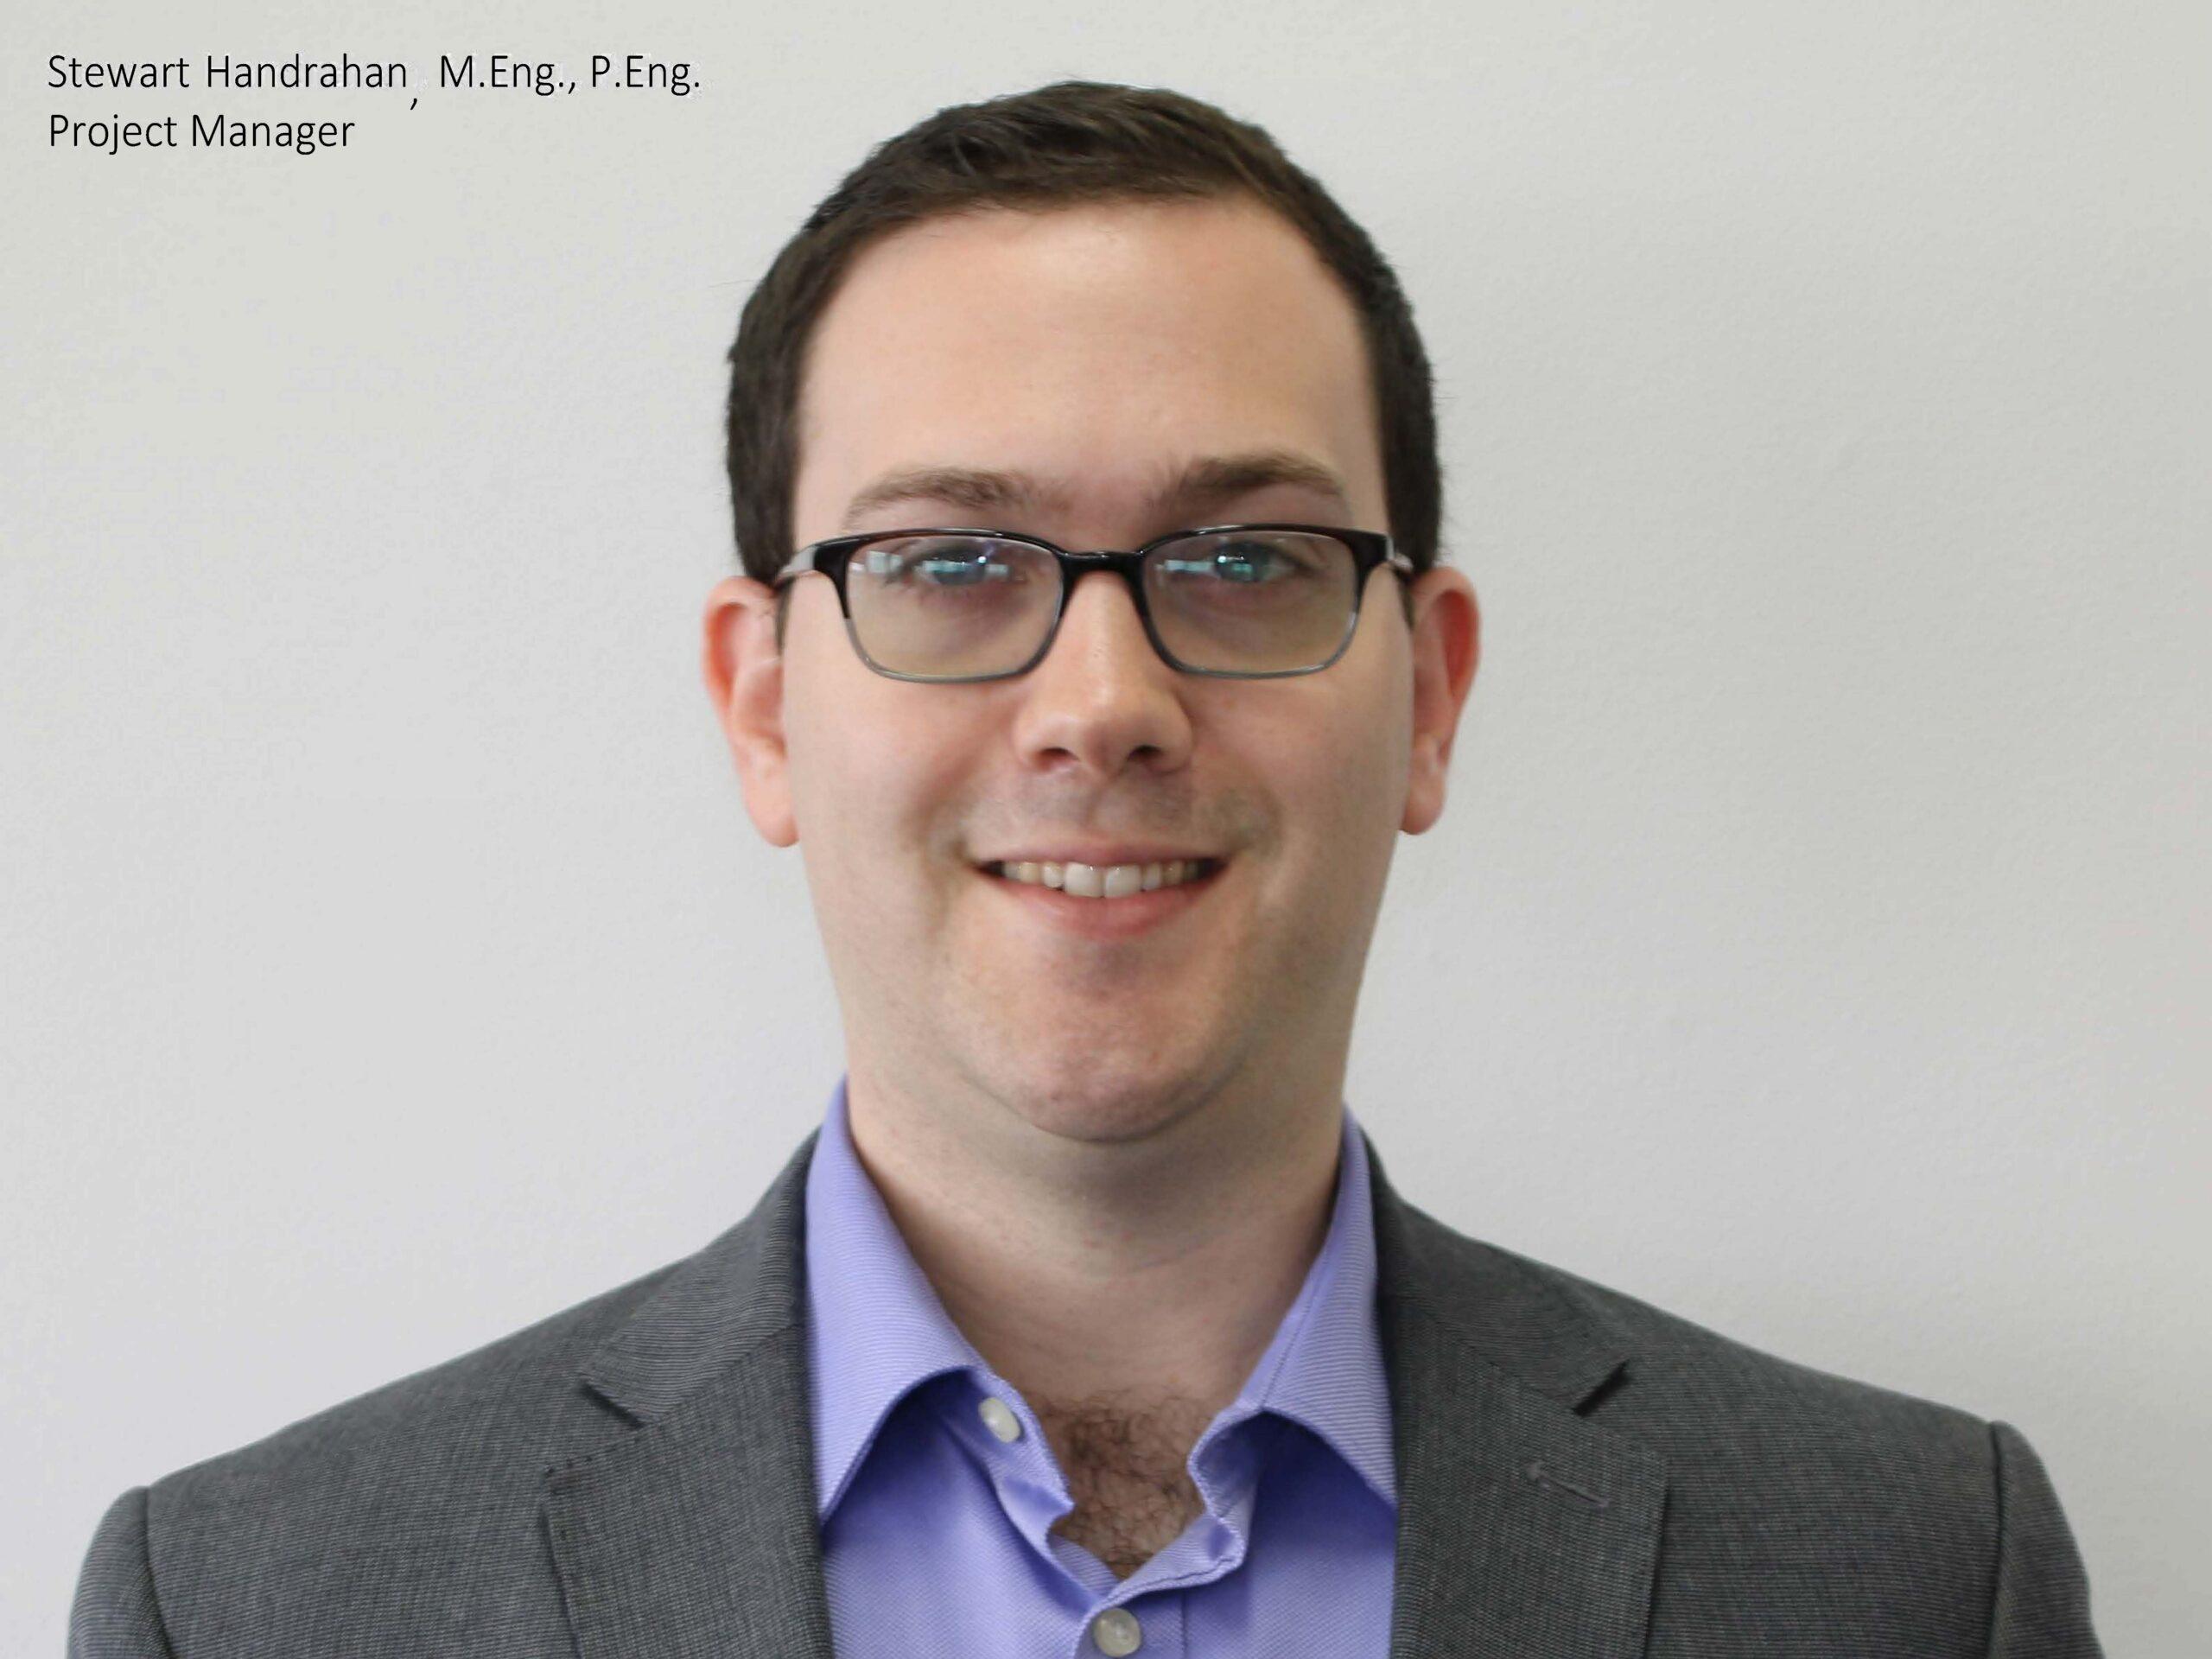 Stewart Handrahan presenting at the ACMO Webinar